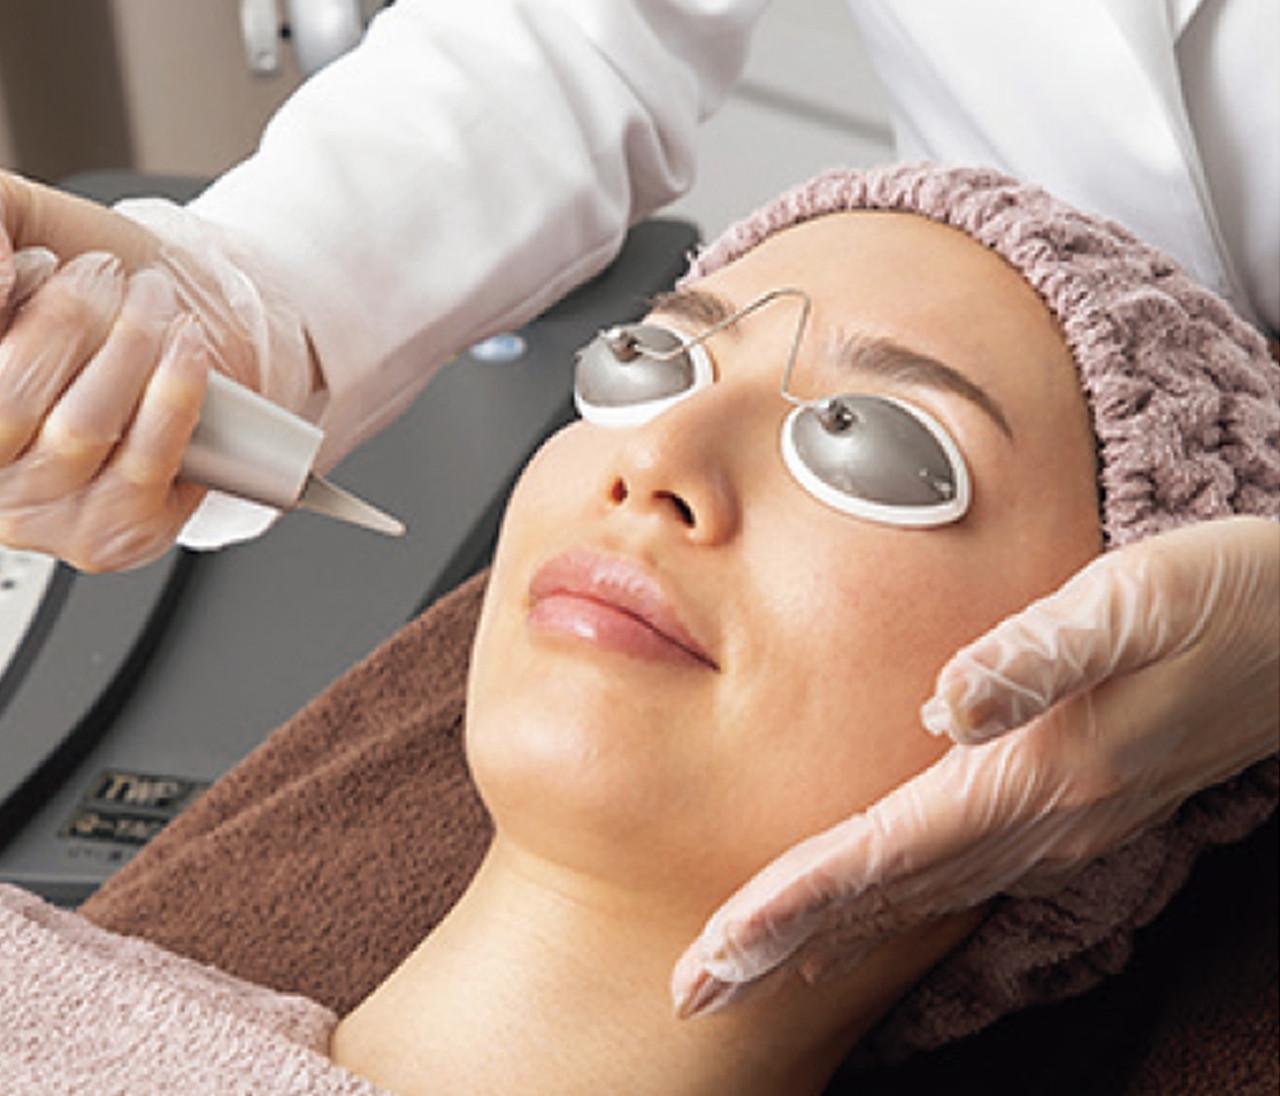 【30代におすすめの美容医療3選】美容プロのご指名クリニック&メニューはこれ!